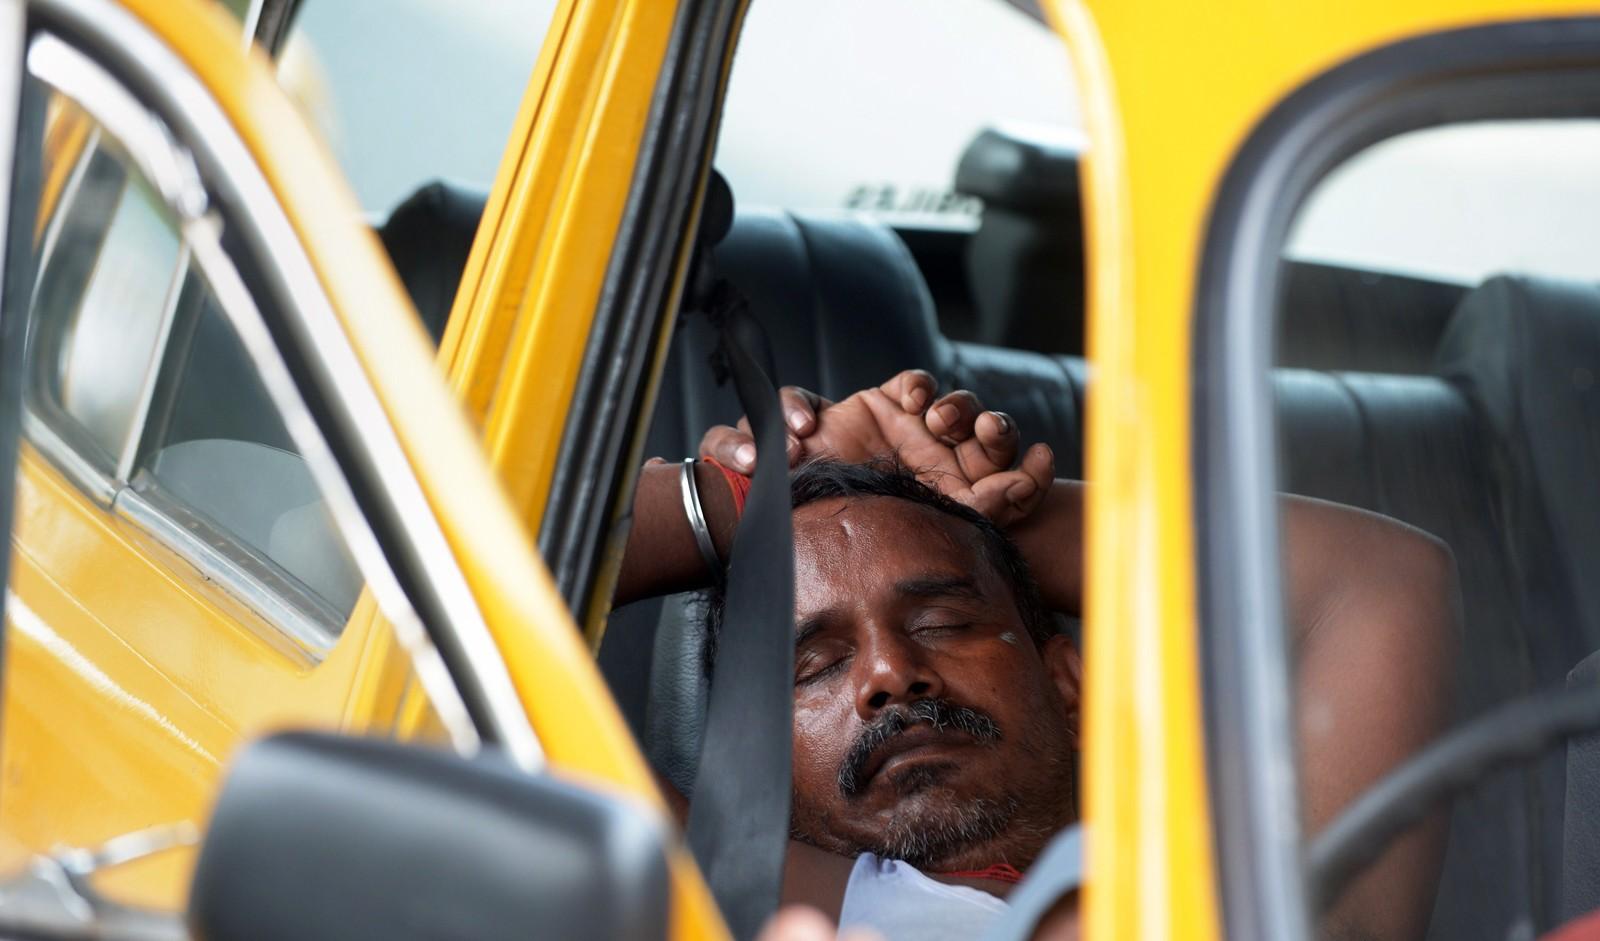 En drosjesjåfør tar seg en blund i bilen i Kolkata i India. Sjåførenes fagforening har oppfordret sjåførene til å holde seg unna veien mellom kl. 11 og 16 når sola steker som verst.